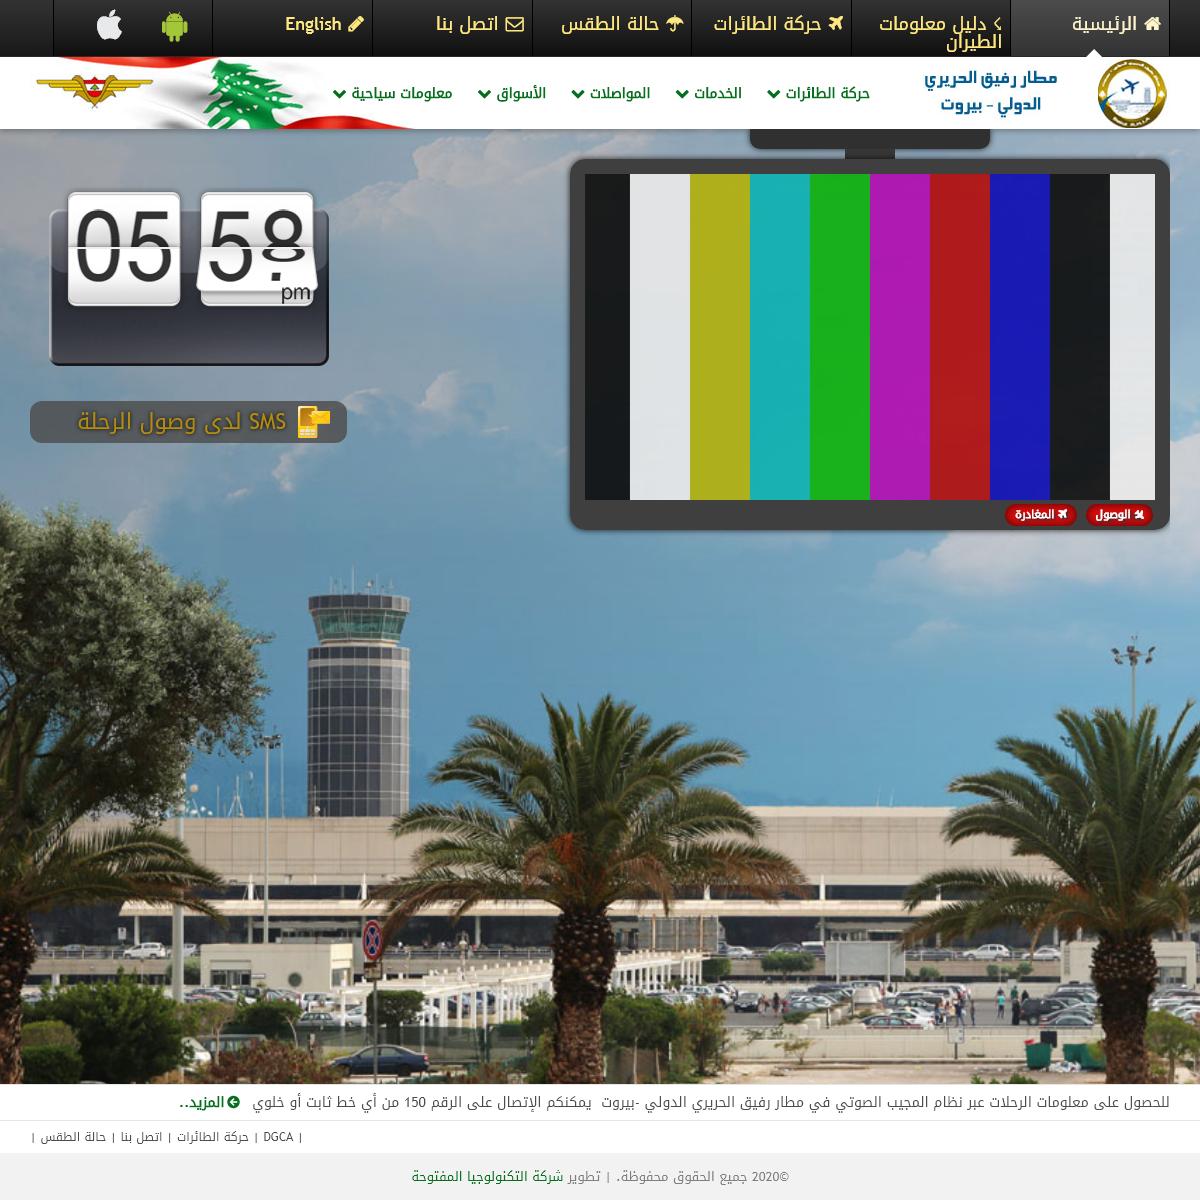 الرئيسية - مطار رفيق الحريري الدولي بيروت